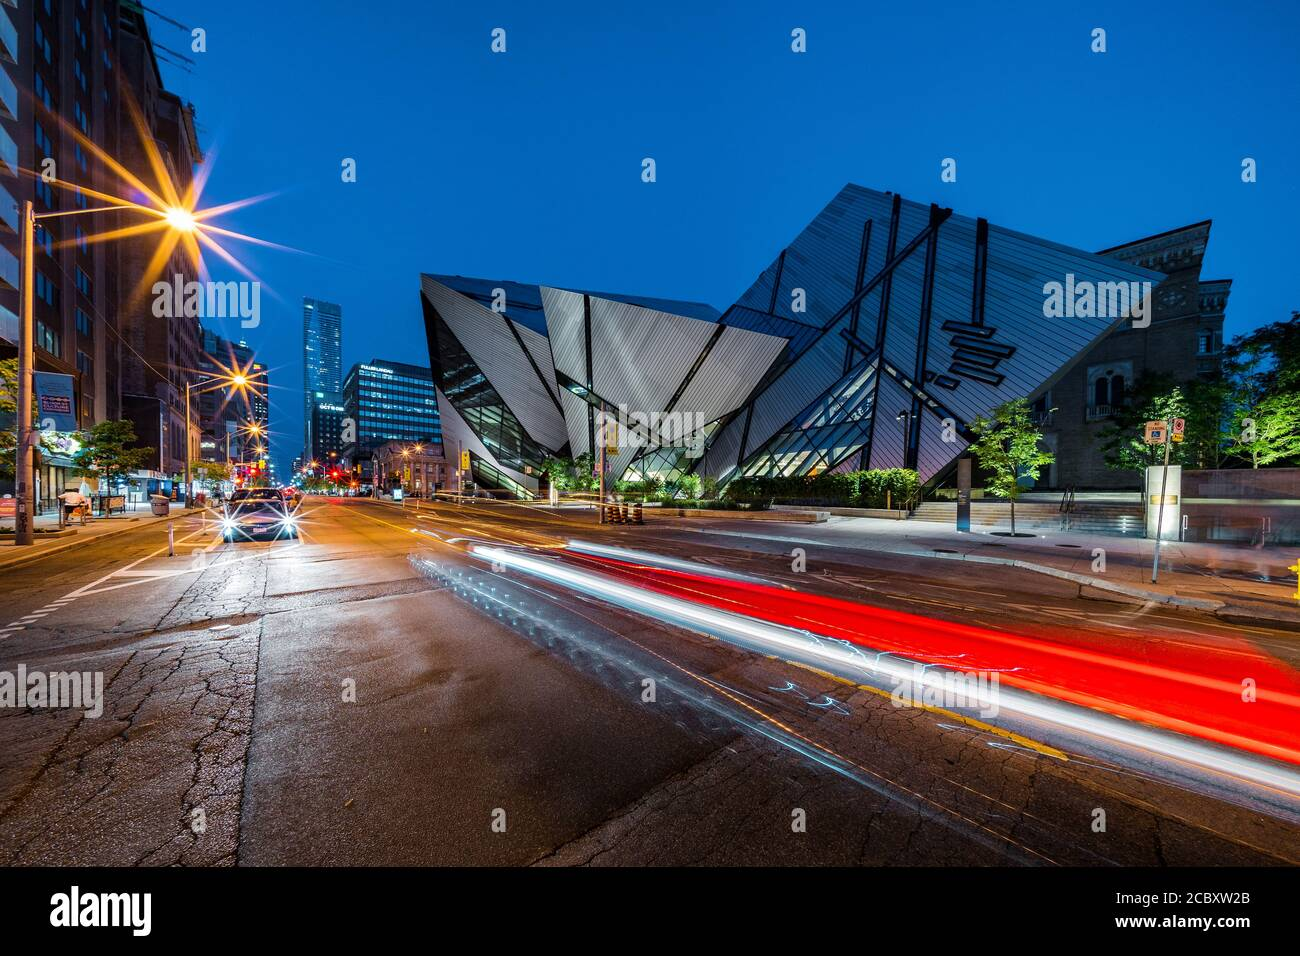 Vista notturna del punto di riferimento architettonico Royal Ontario Museum, noto anche come la ROM a Toronto, Ontario, Canada. Foto Stock